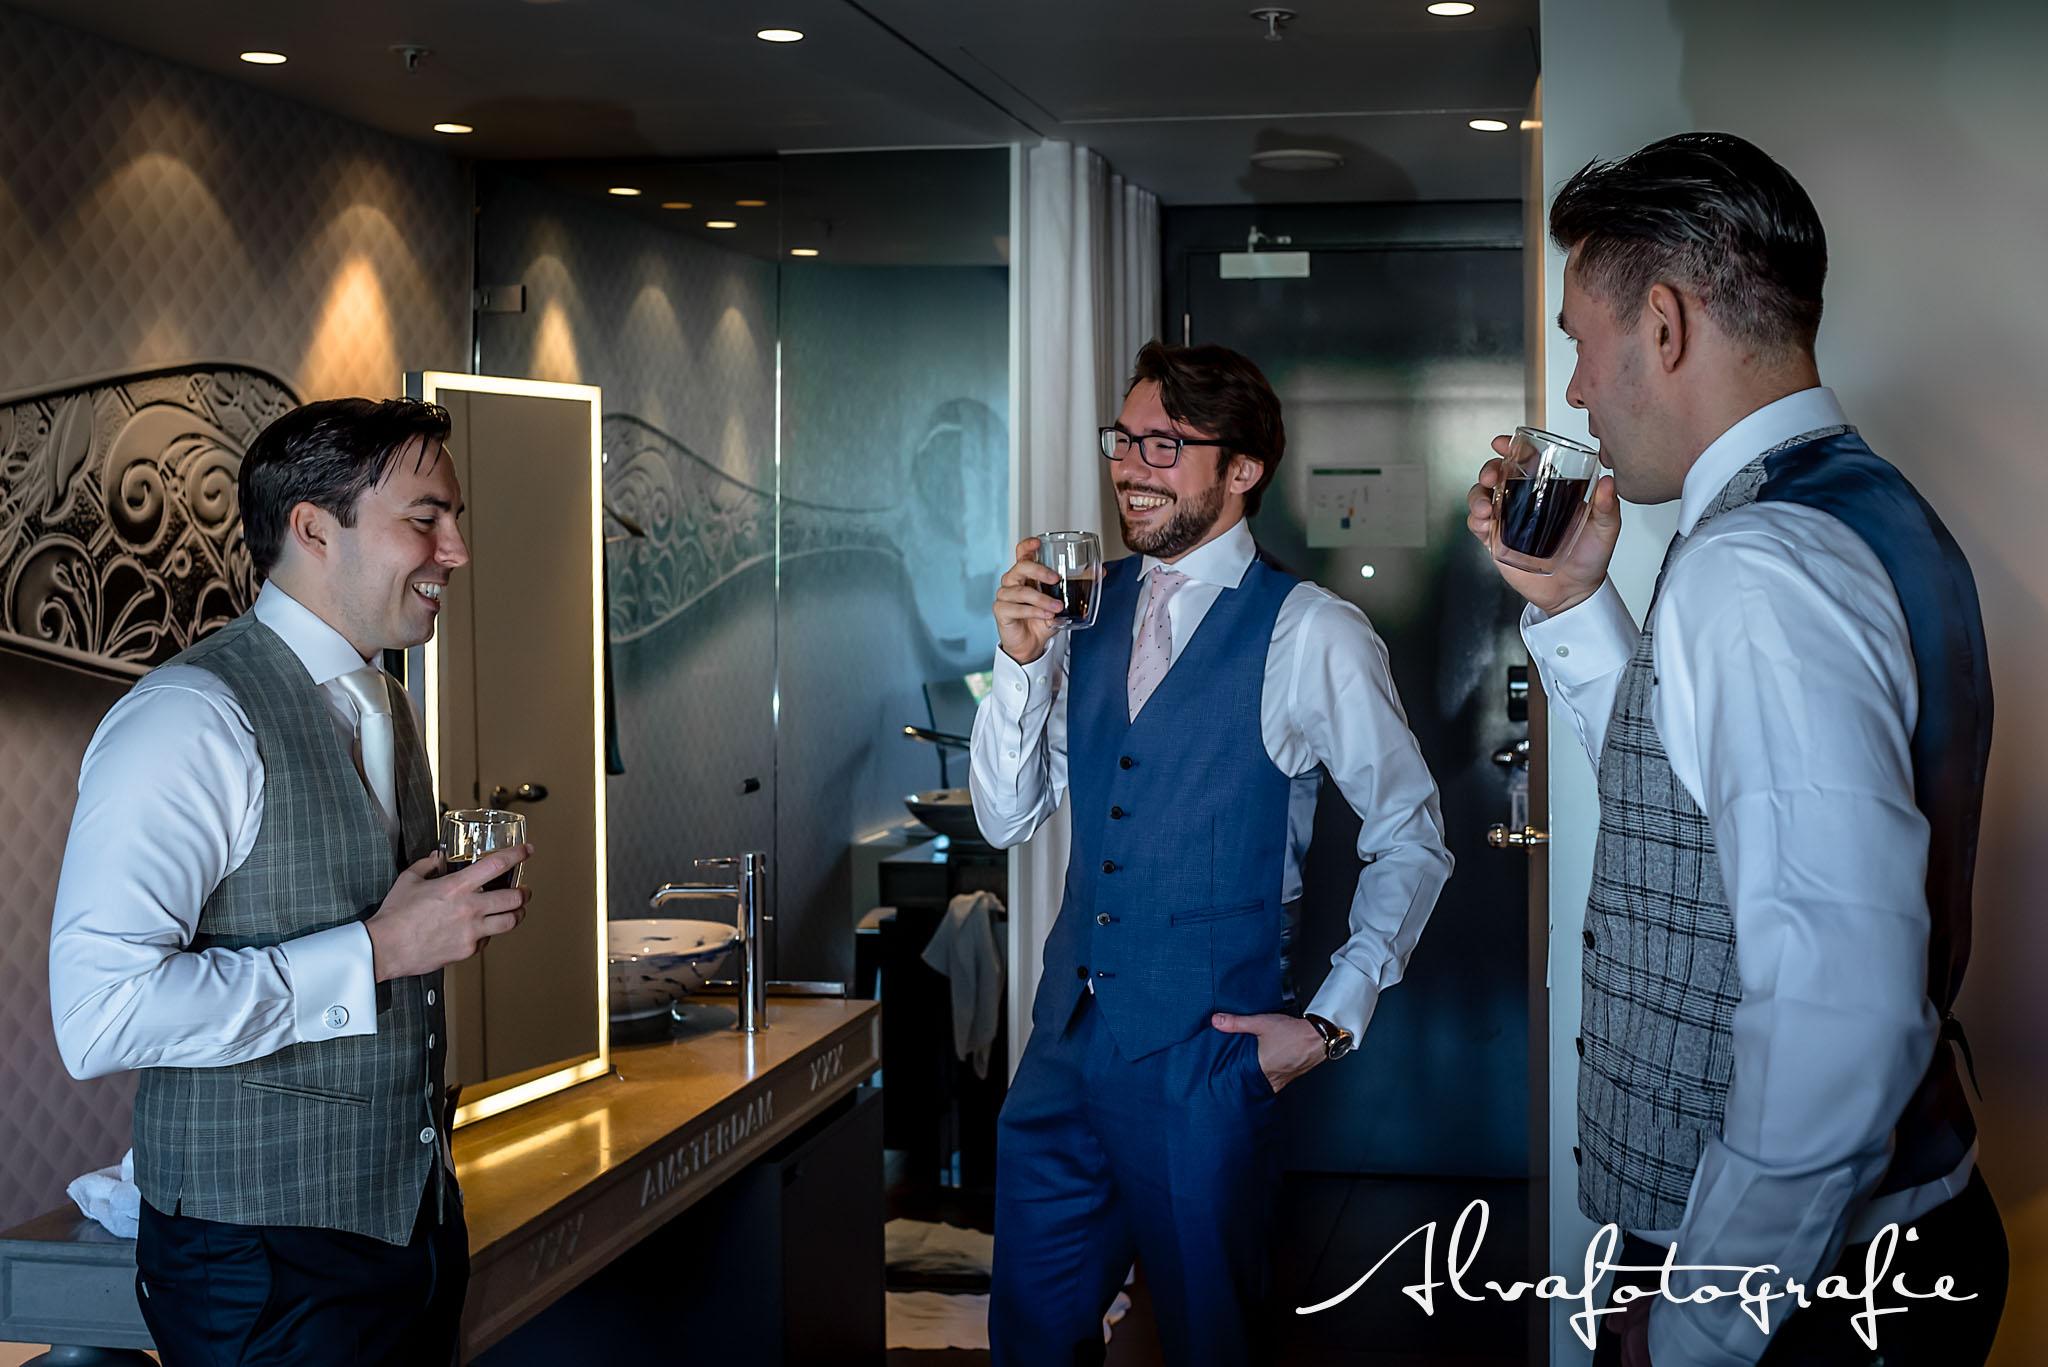 Bruiloft Maren en Tim Alvafotografie aankleedmoment bruidegom met vrienden